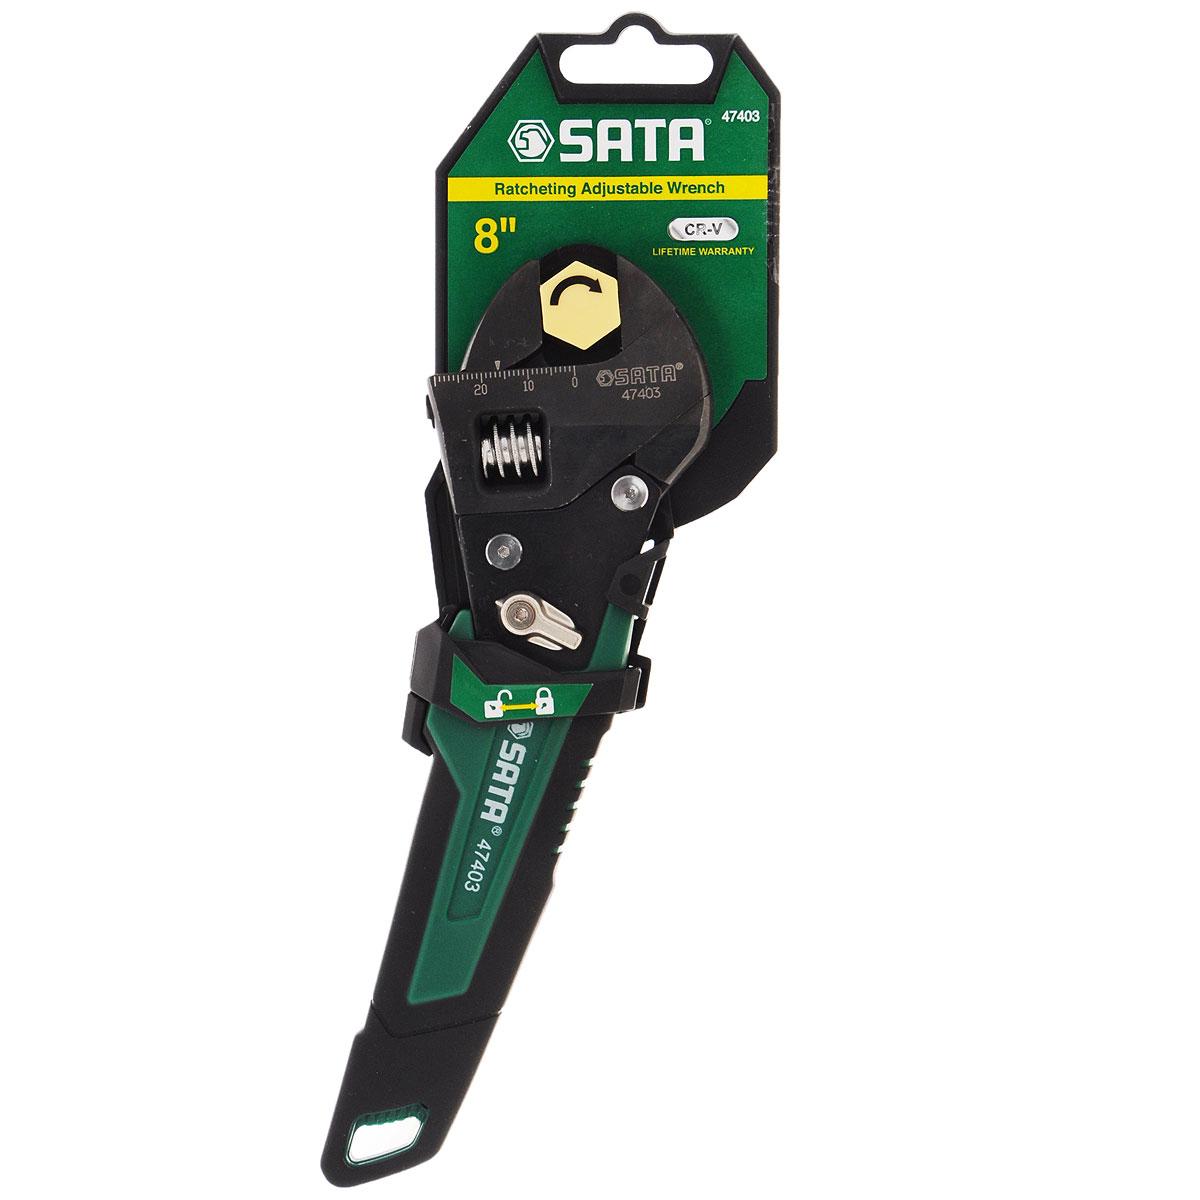 Разводной ключ SATA 4740398298130Разводной ключ Sata с реверсивно-трещоточным механизмом предназначен для работы с резьбовыми соединениями. Оснащен рукояткой с полимерным покрытием, которая обеспечивает надежный удобный хват.Особенности:Движущая часть ключа позволяет захватывать любые грани размером до 24 мм. Лазерная гравировка делений метрических и дюймовых.Плавный трещоточный механизм очень легок в использовании. Выключатель трещоточного механизма позволяет использовать ключ как обычный разводной ключ.Уникальный дизайн и специальное противоскользящее покрытие рукоятки обеспечивают максимальный комфорт для руки любого размера.Полностью соответствует спецификации американского института стандартов (ANSI).Максимальный размер раскрытия зева (максимальный развод губок): 25 мм. Толщина губок зева: 14,5 мм.